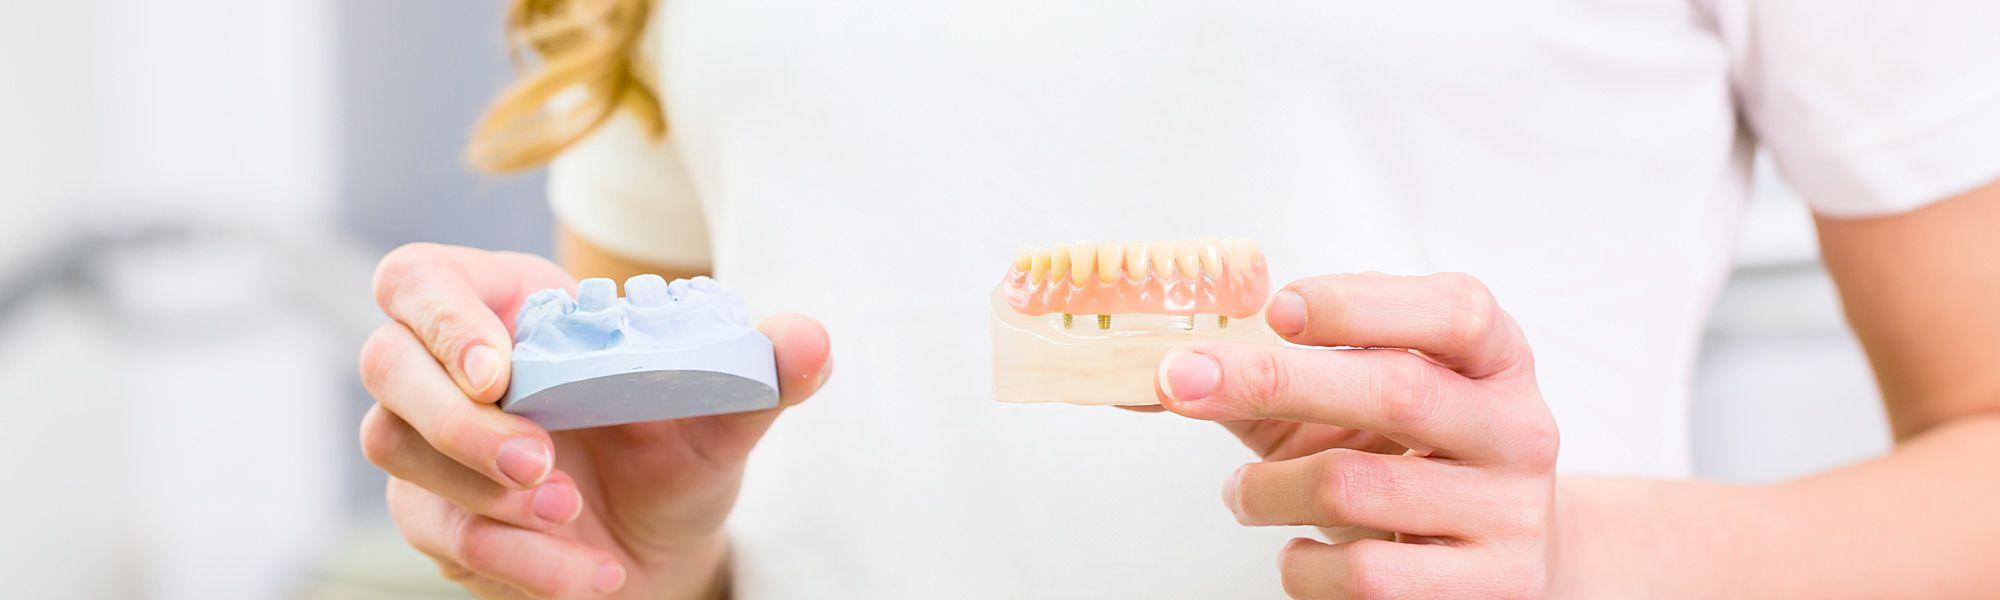 Schöner Zahnersatz aus Kleve: Krone, Brücke aus Keramik